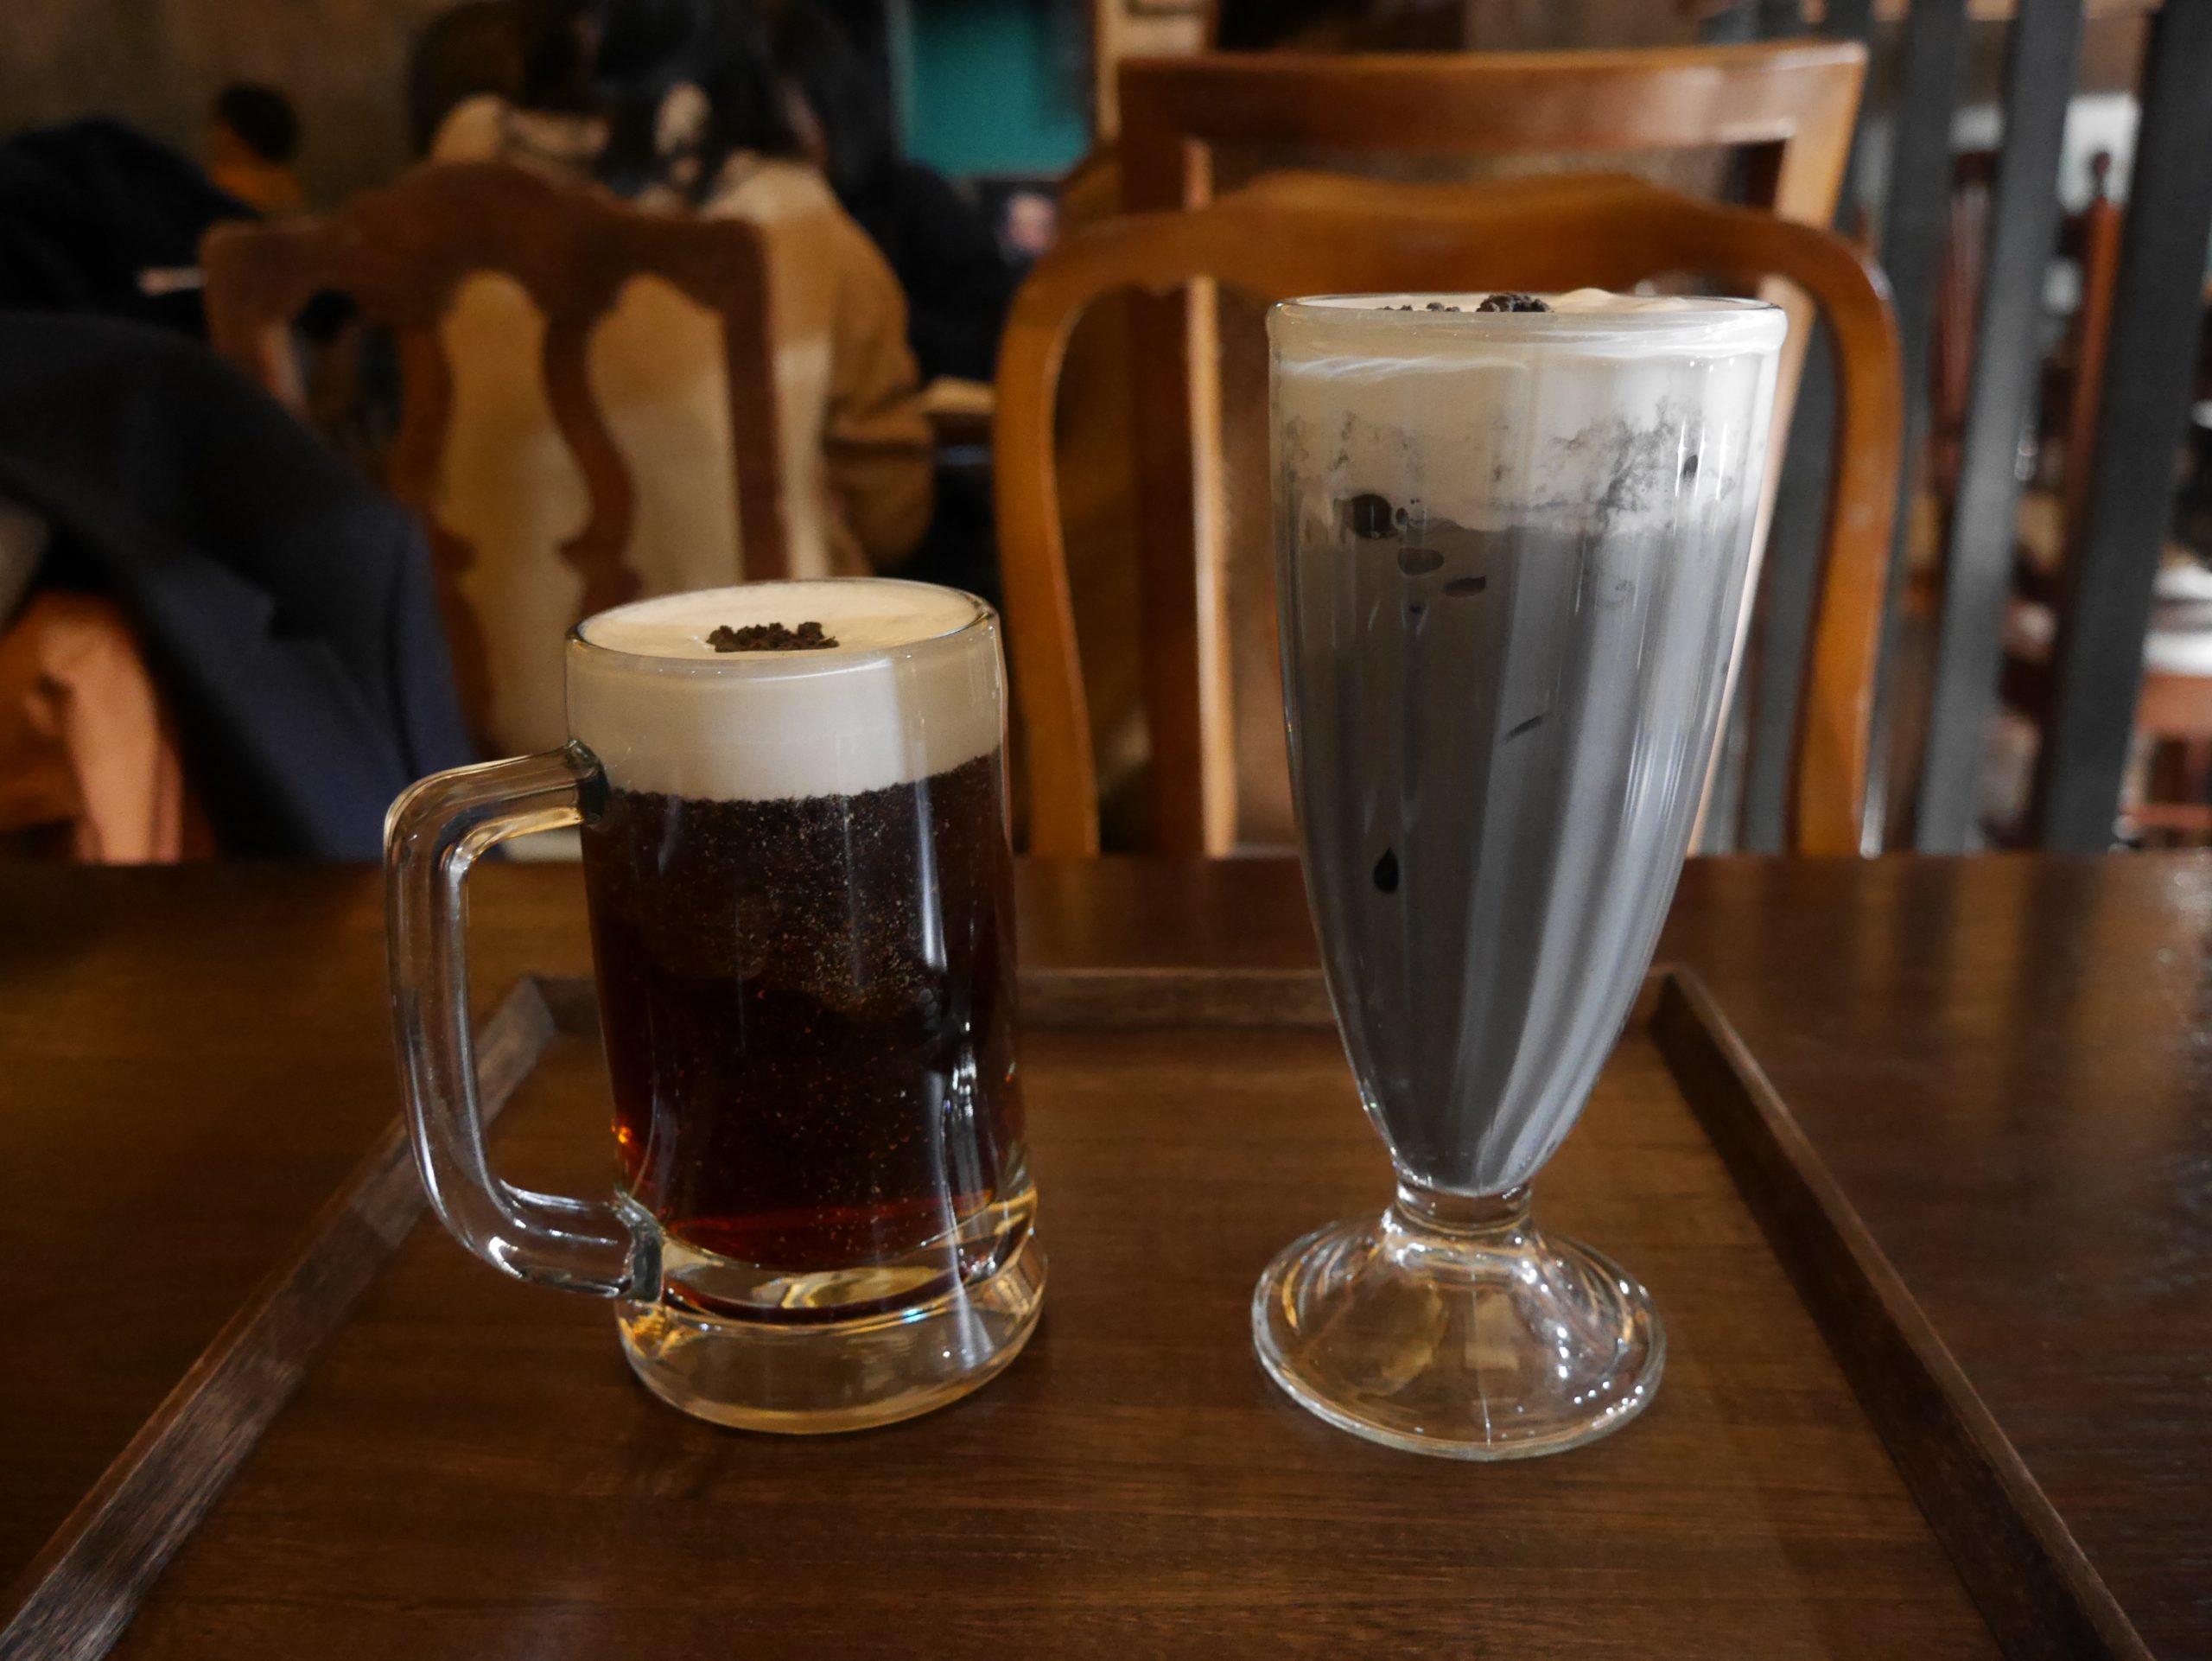 café harry potter